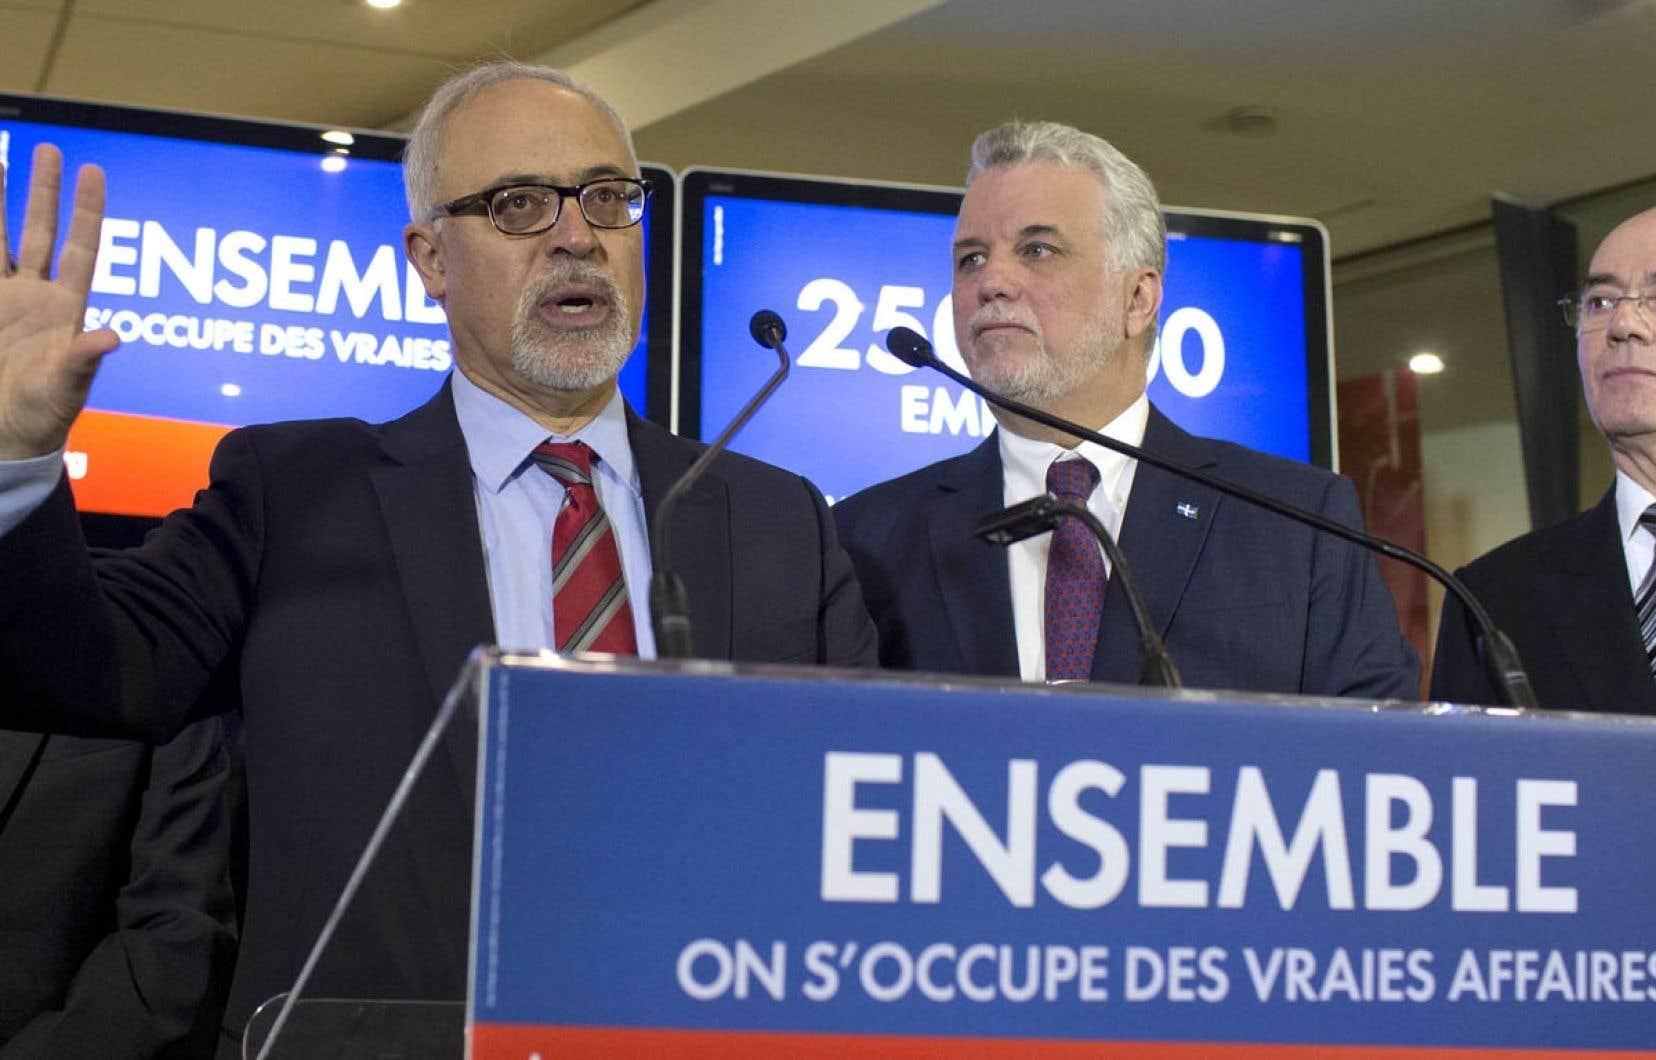 L'économiste Carlos Leitao juge que, même si l'étude de l'Institut de la statistique du Québec est vraie, le portrait qu'elle présente est biaisé.